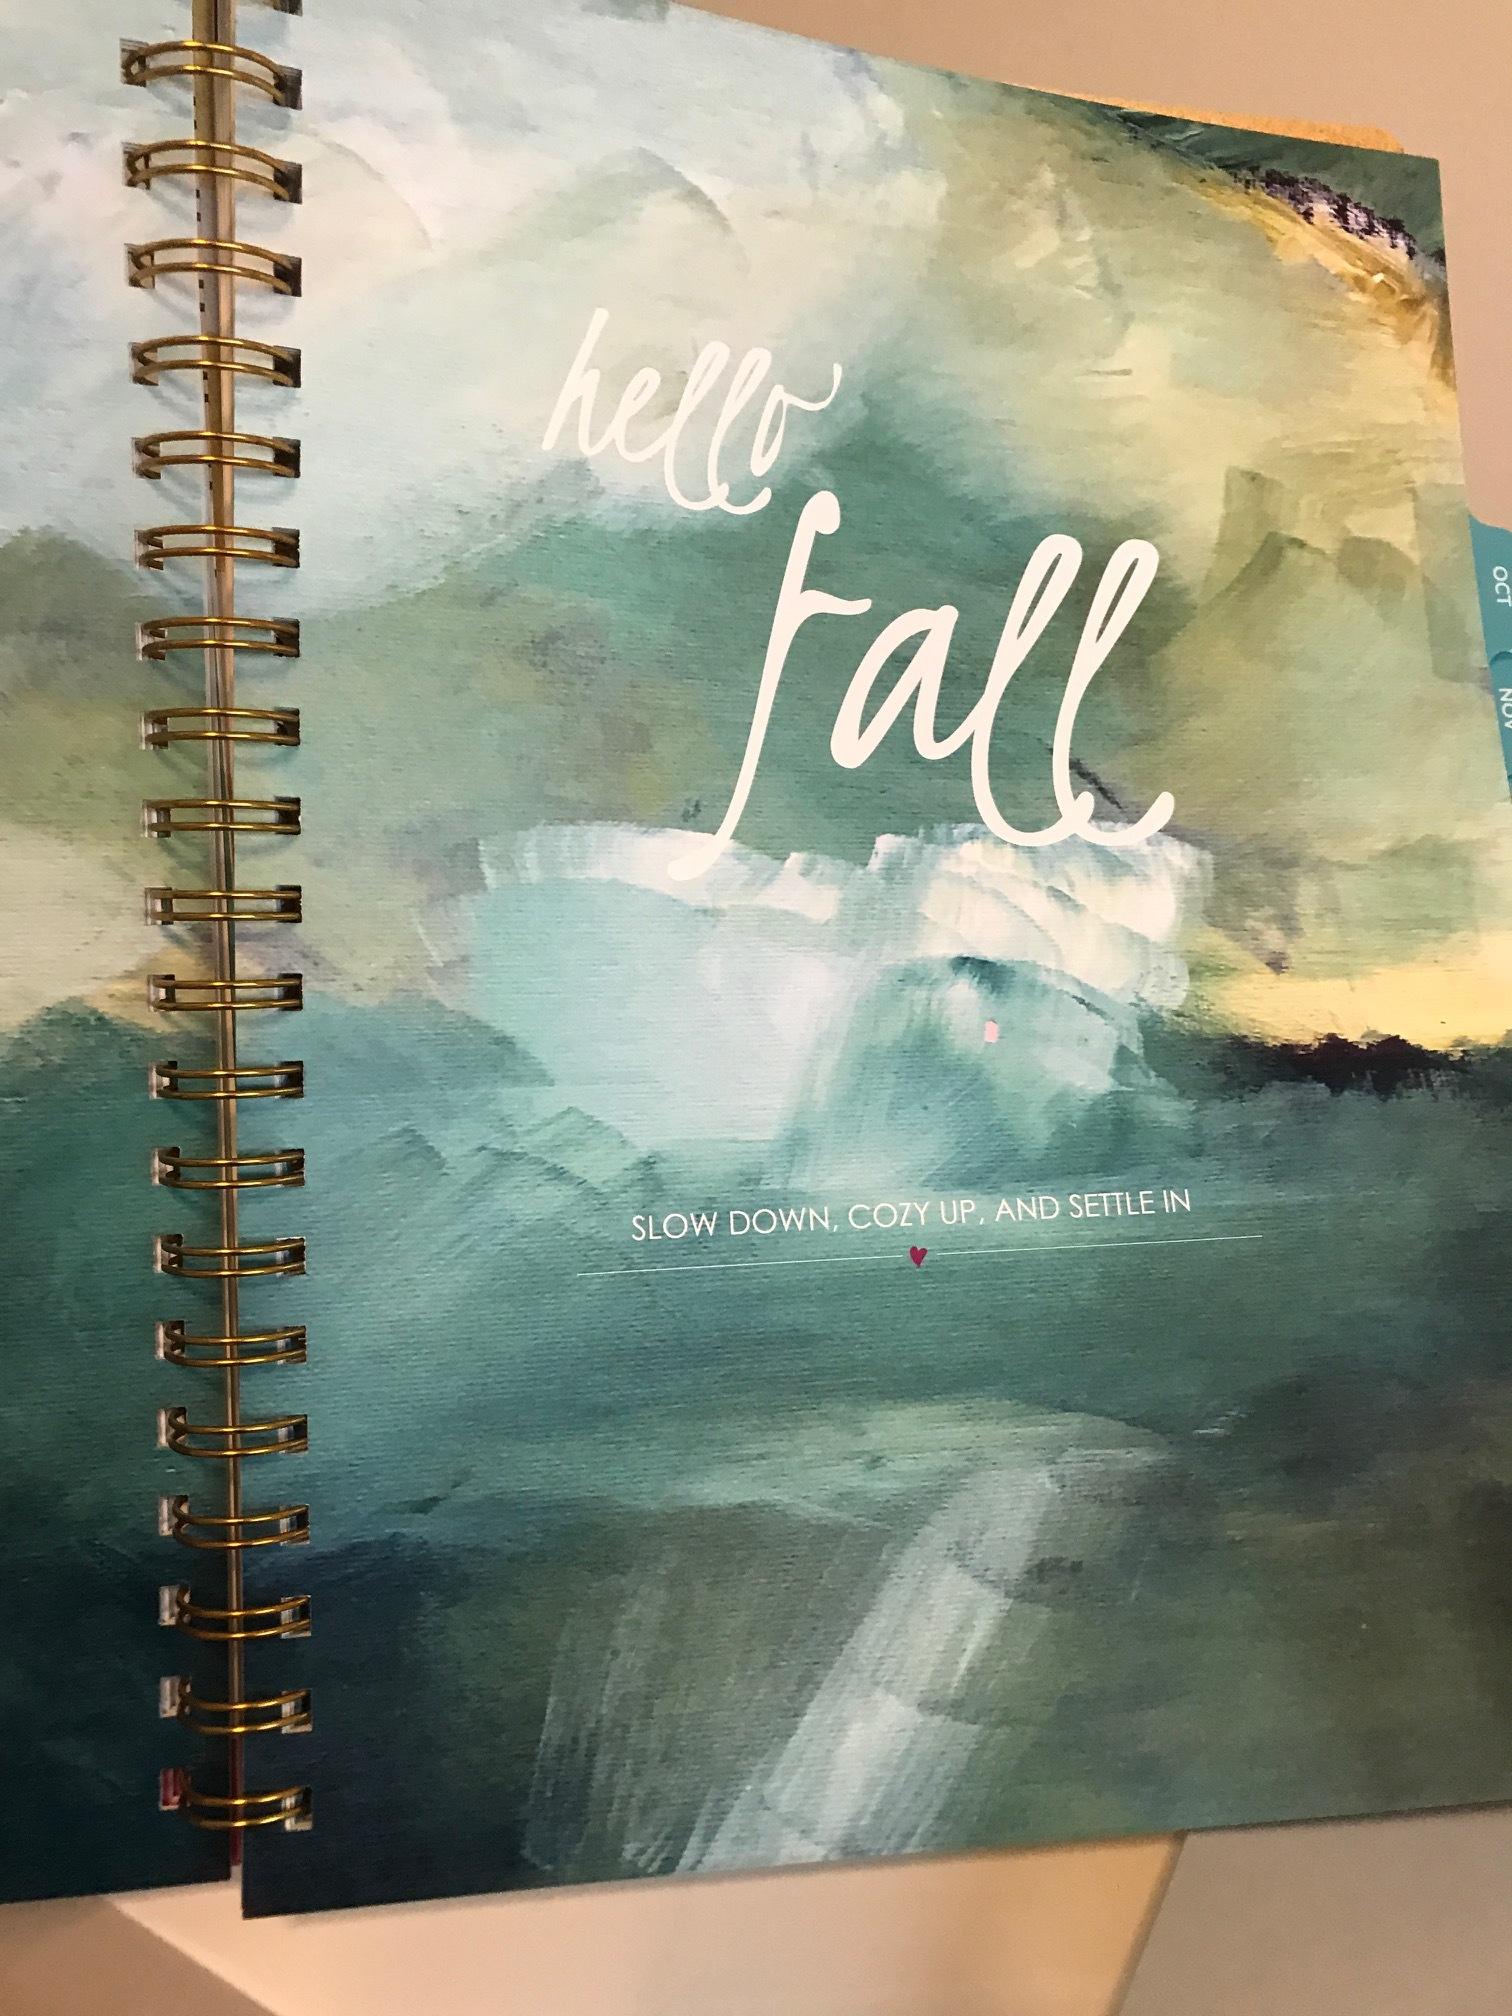 hello fall, indeed